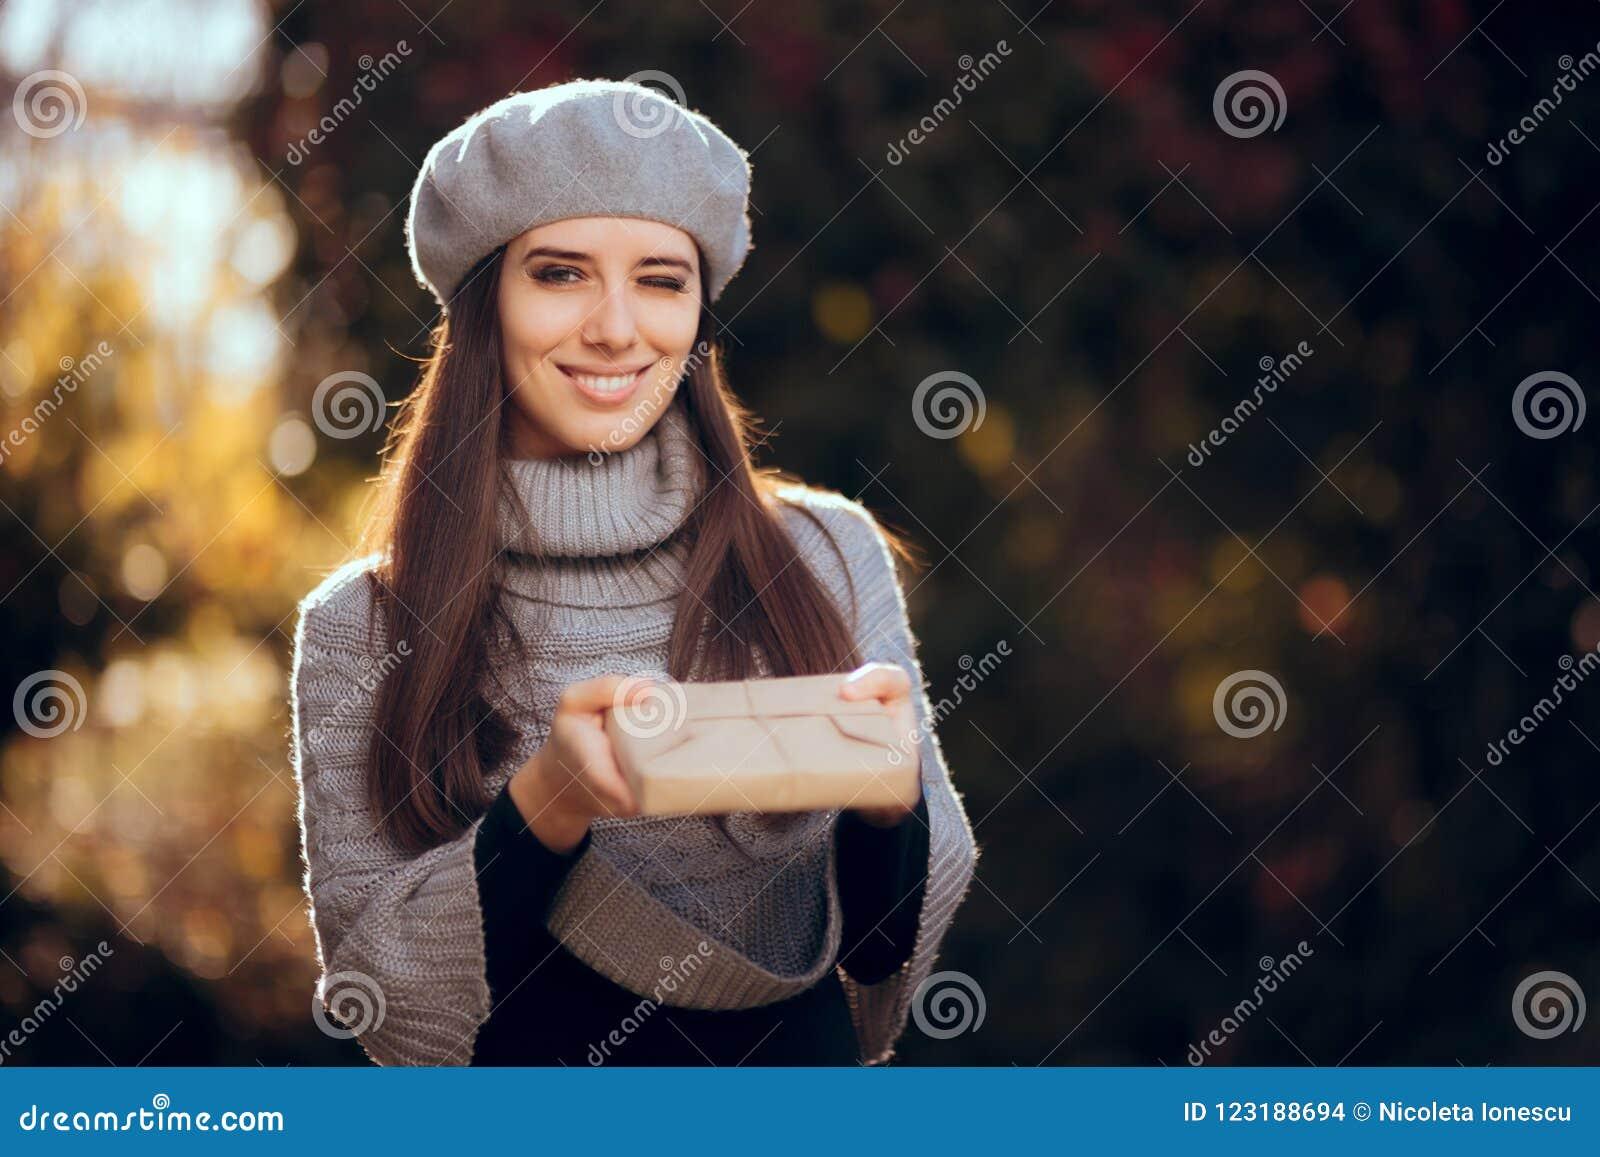 Retro Elegant Meisje die met Baret een Document Verpakt Pakket houden